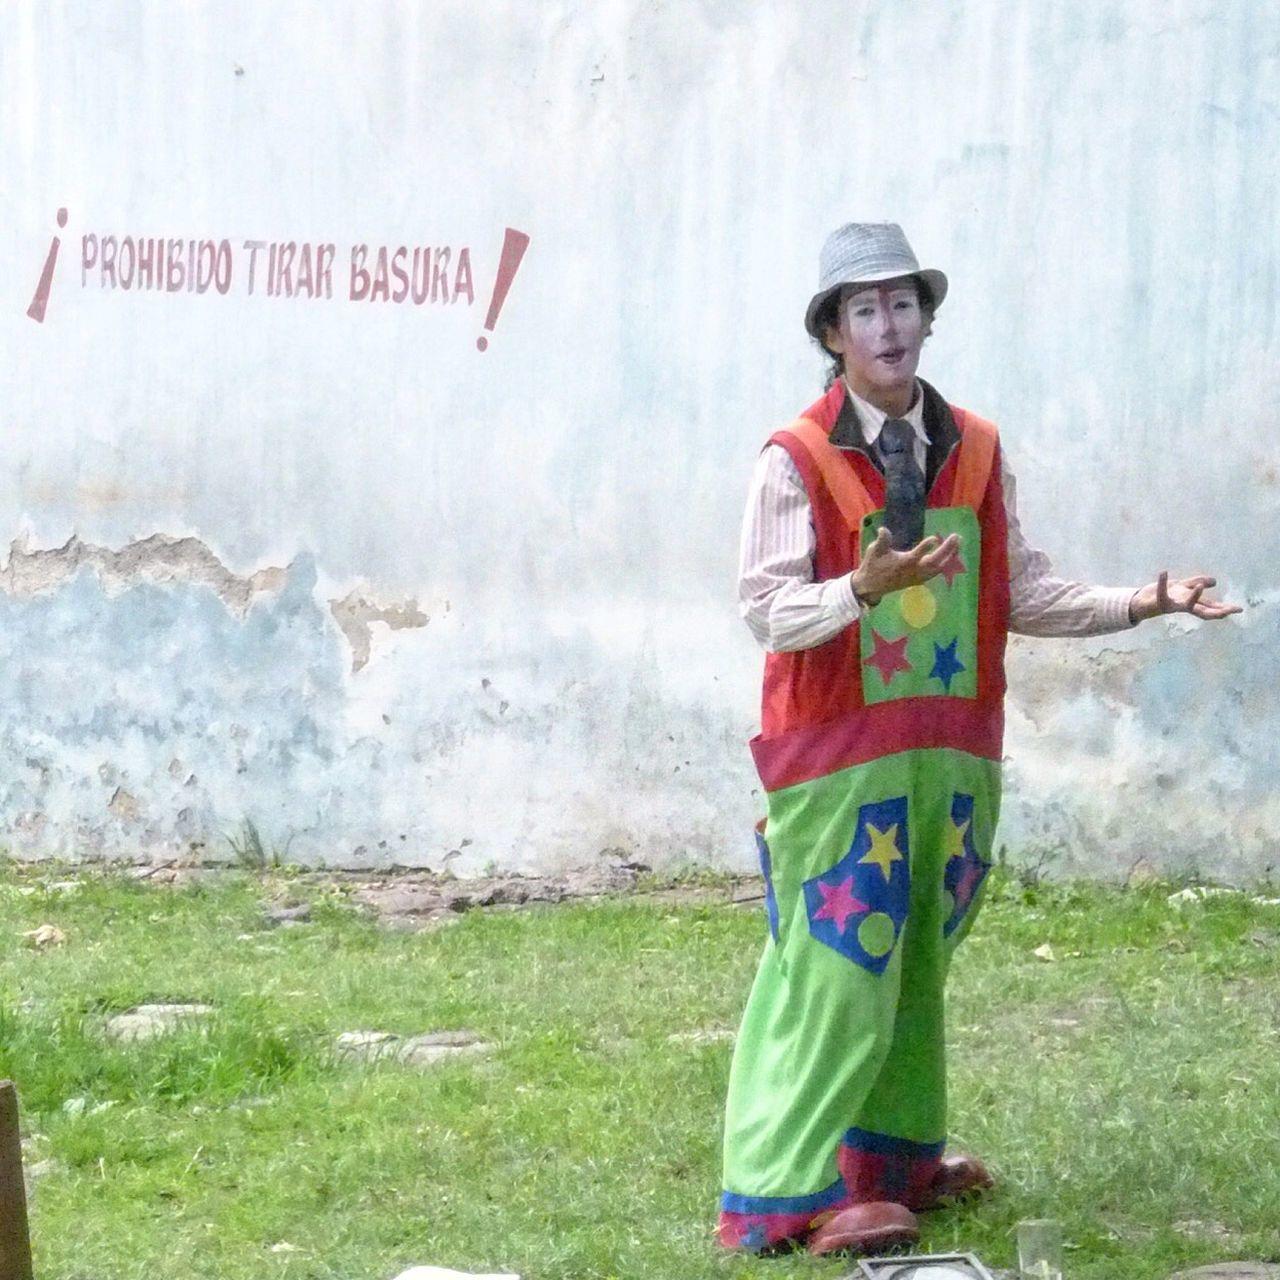 Reciclaje Basura En La Calle Payaso Responsabilidad Clown